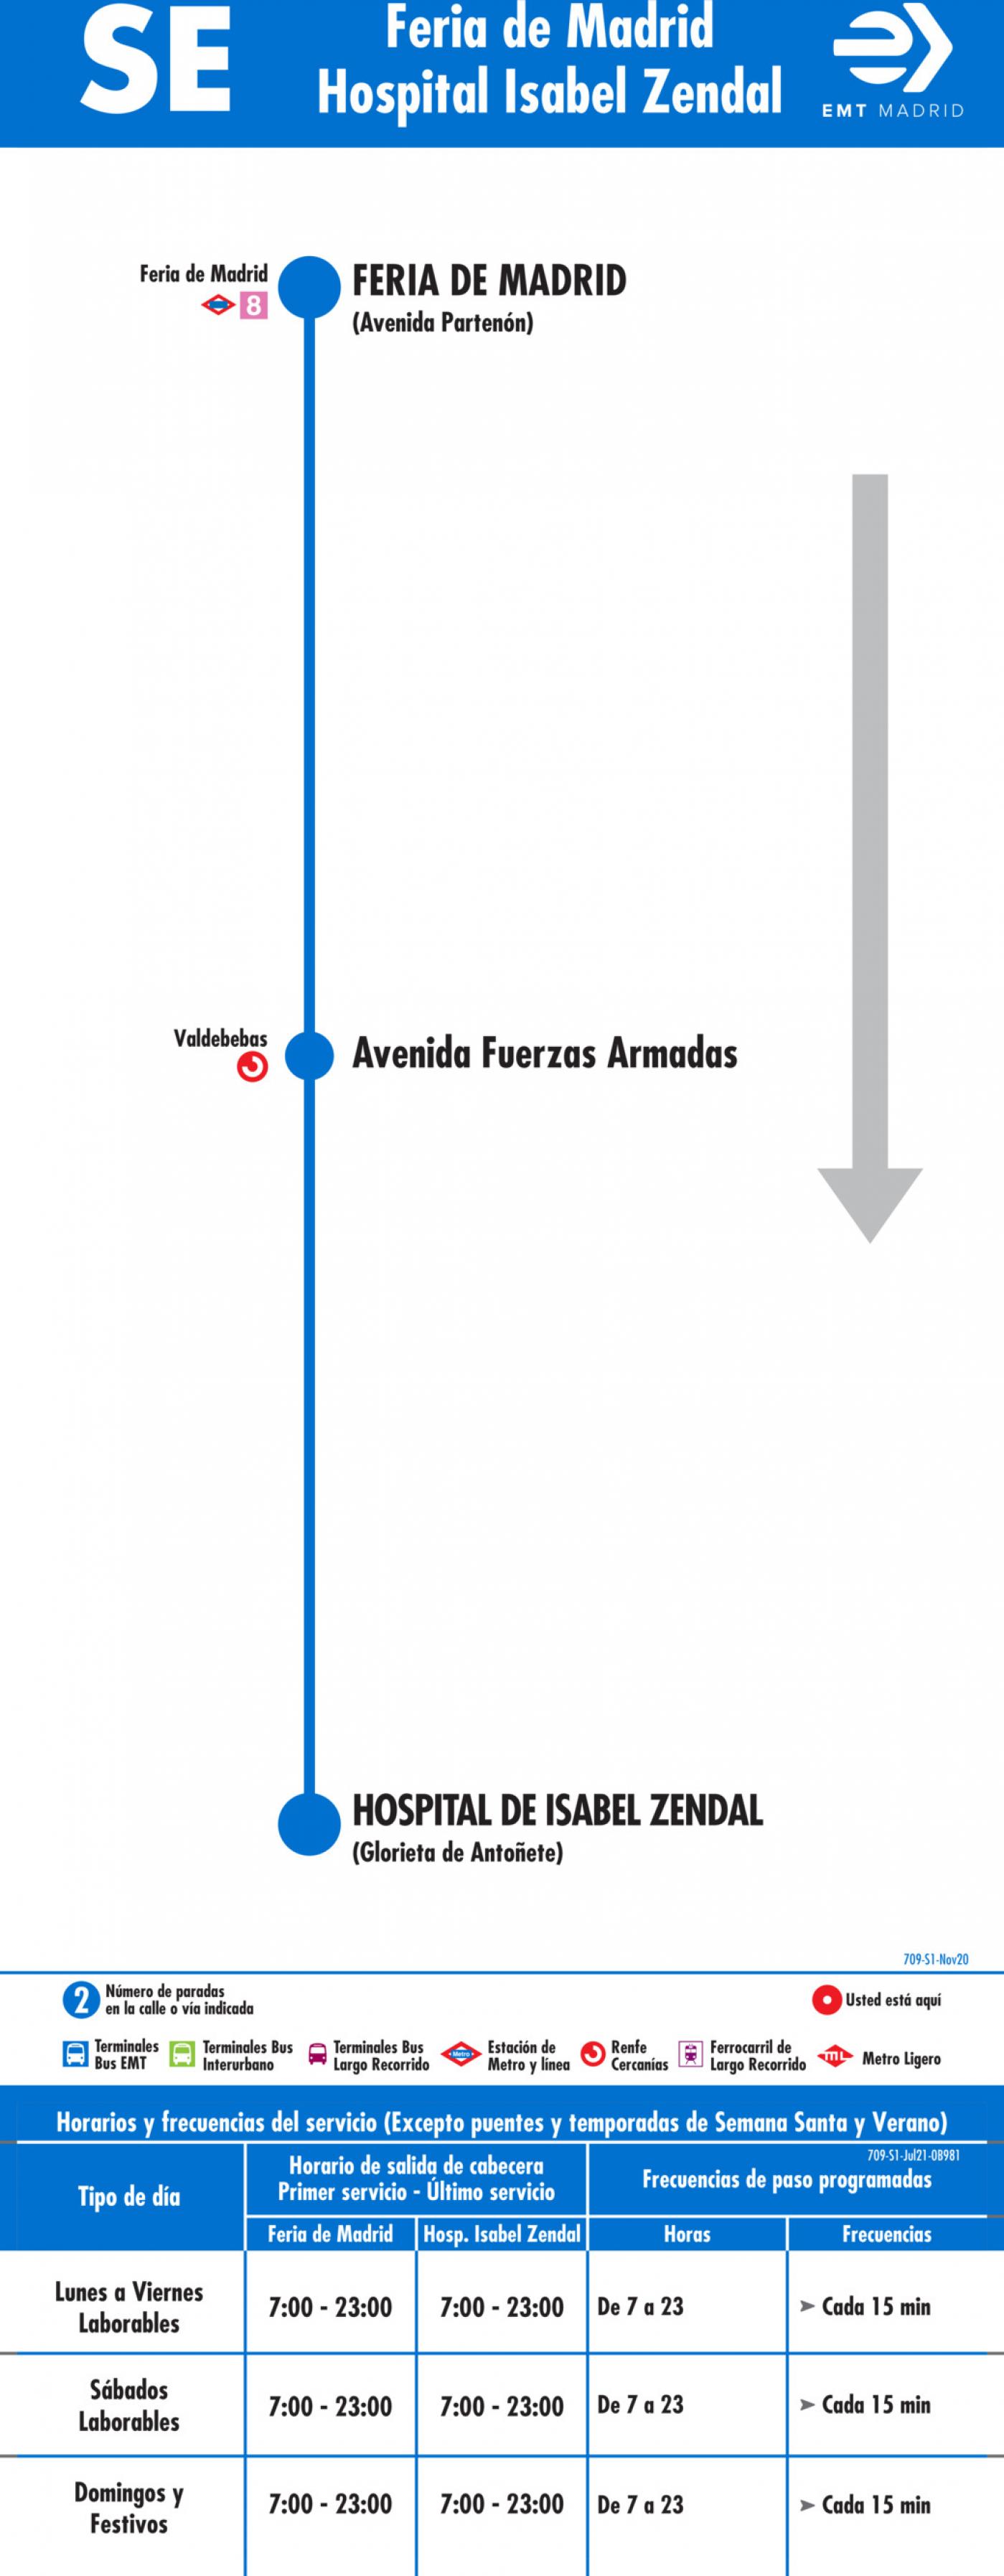 Tabla de horarios y frecuencias de paso en sentido ida Línea SE 709: Feria de Madrid - Hospital Isabel Zendal